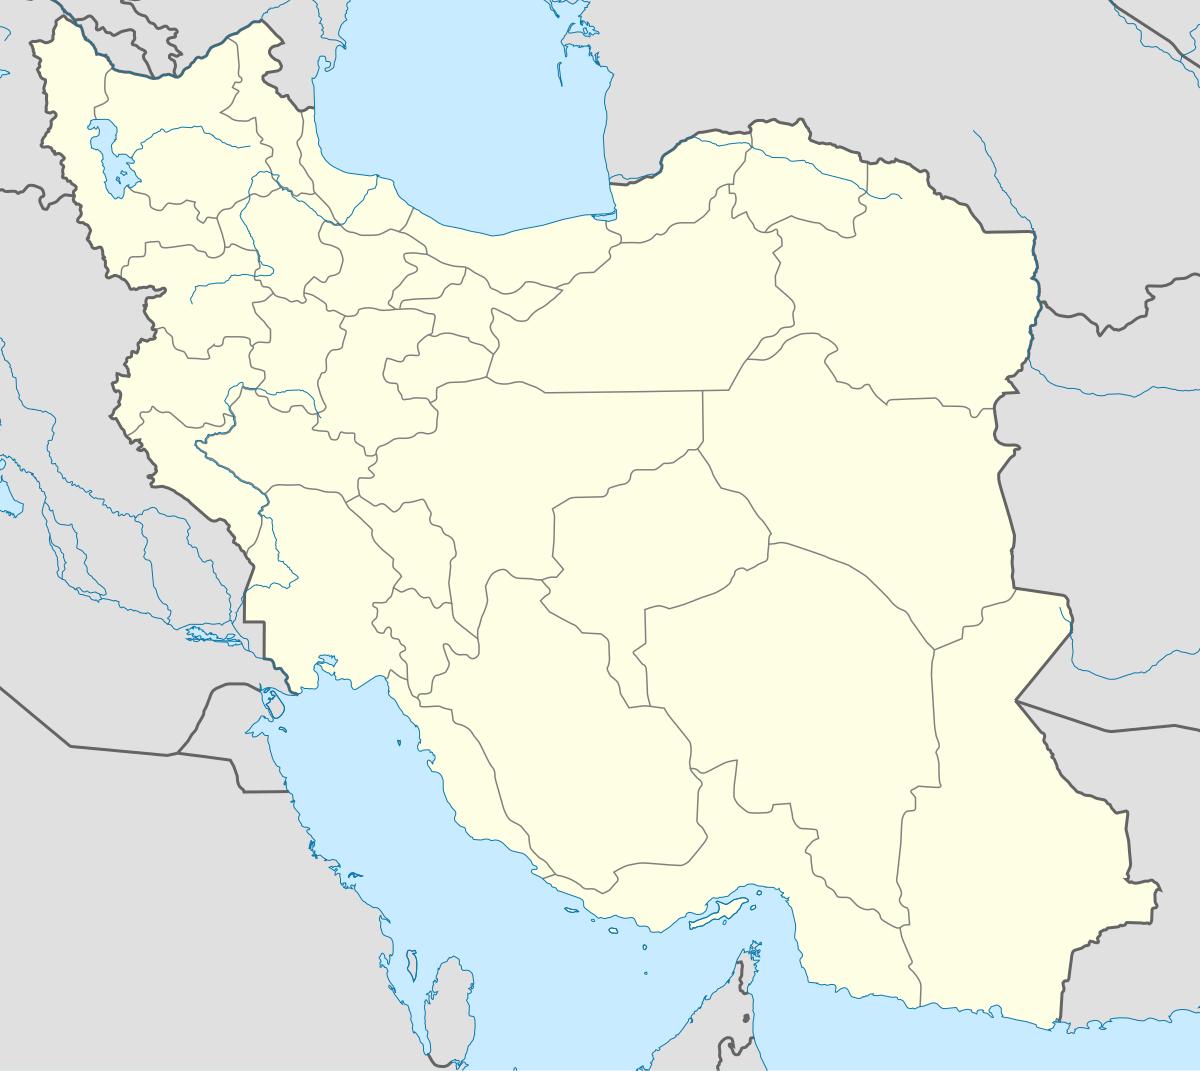 بخش بهمن صغاد در تابعیت شهرستان آباده استان فارس ایجاد میشود